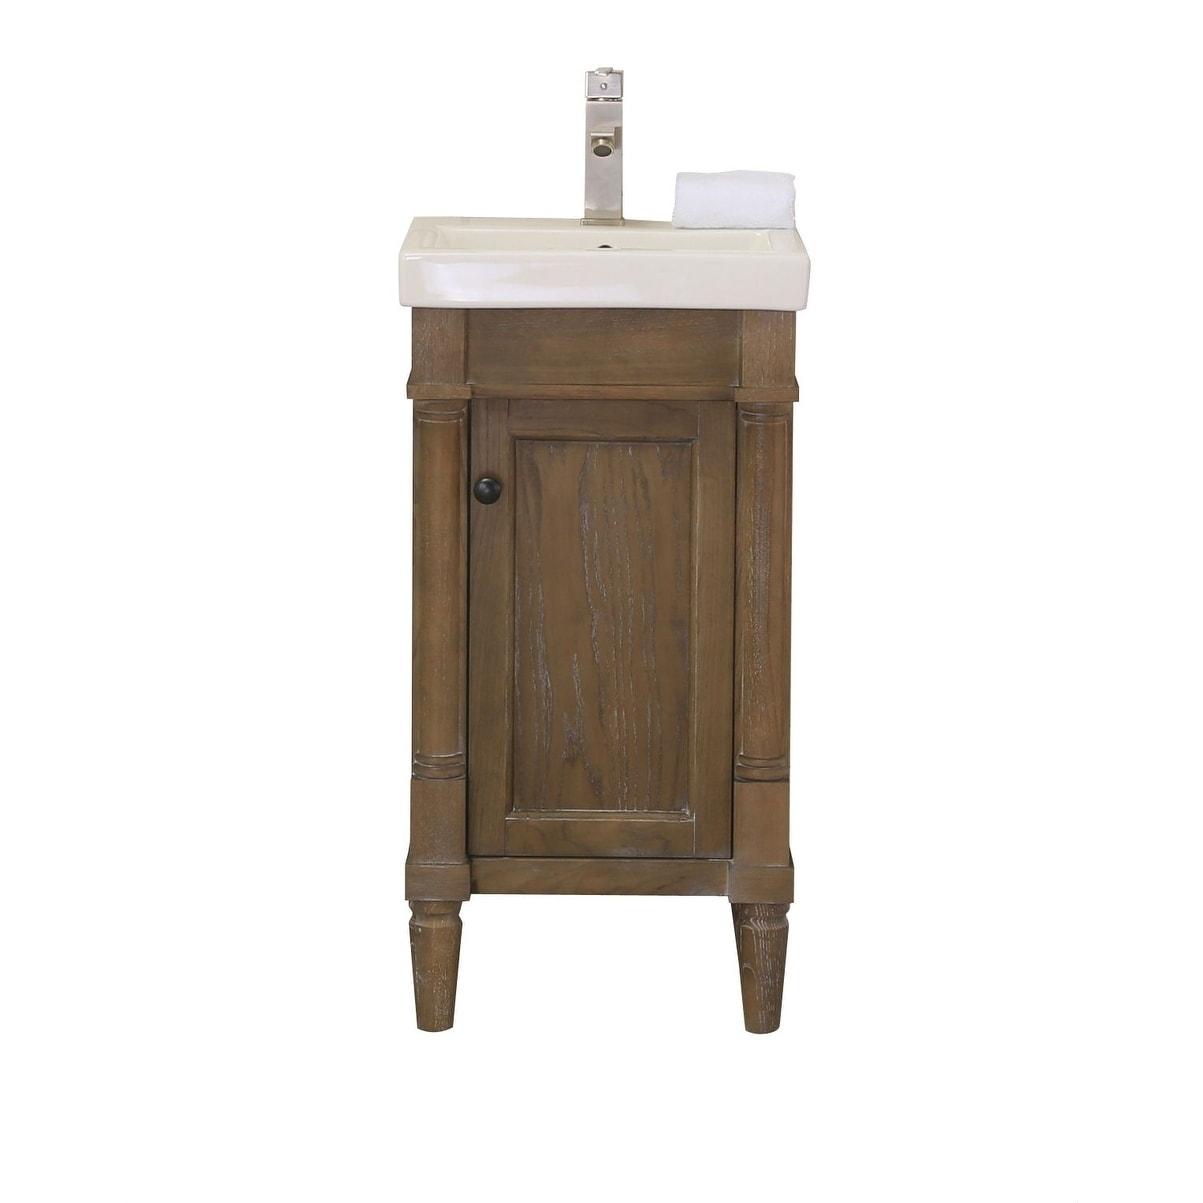 Legion Furniture17 In Bathroom Vanity Weathered Brown With Porcelain Top